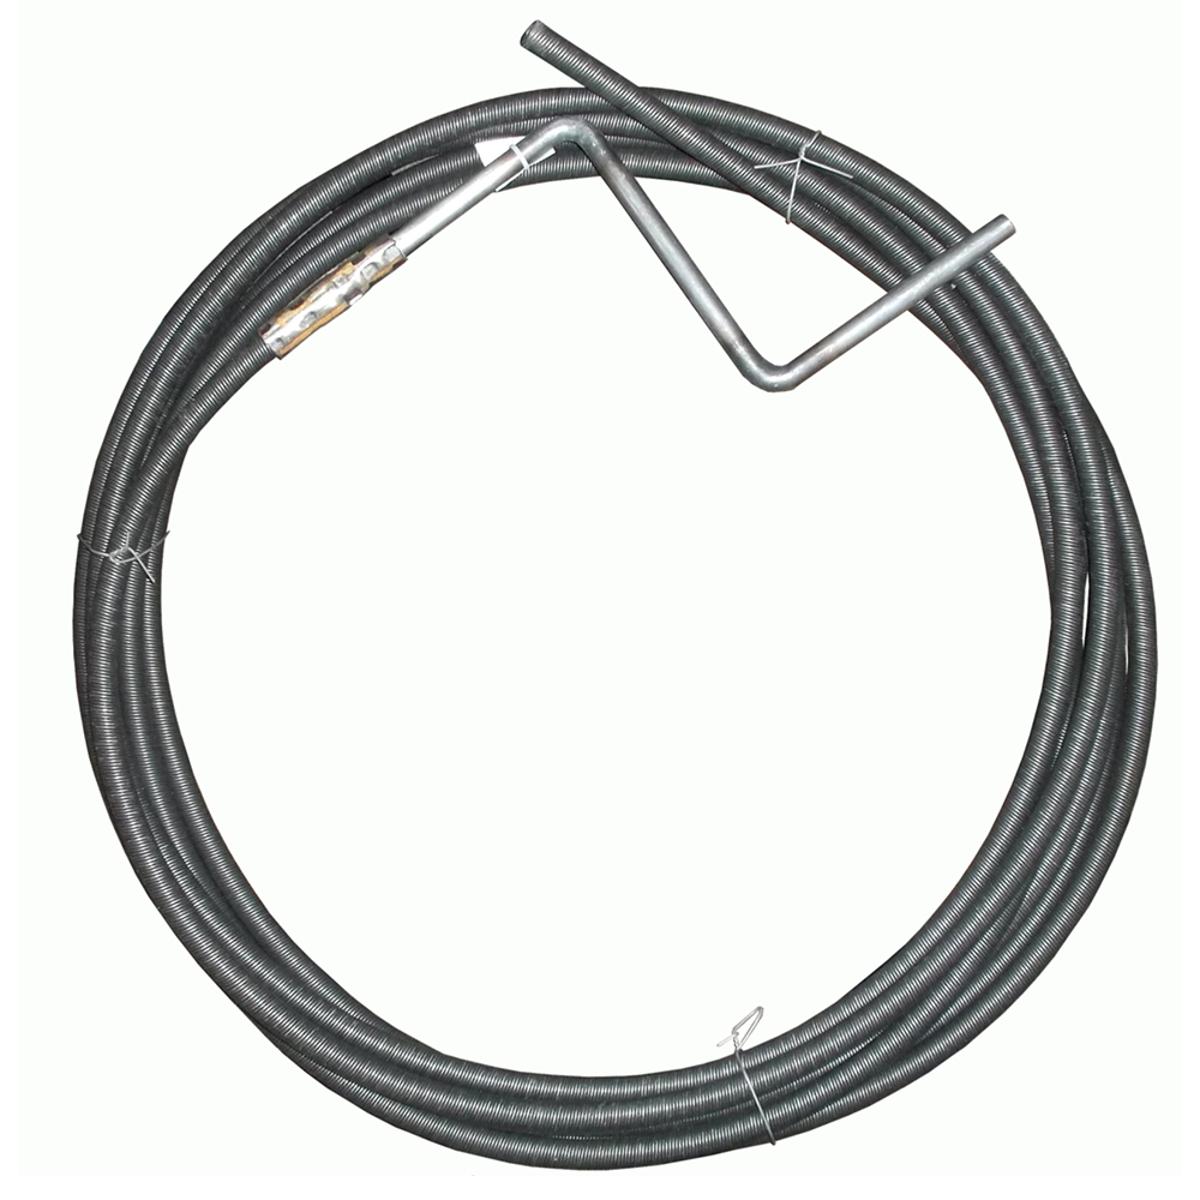 Трос пружинный для прочистки канализационных труб Masterprof, 6 мм х 5 м15043Пружинный трос Masterprof, выполненный из металла, предназначен для прочистки канализационных труб.Диаметр: 6 мм.Длина: 5 м.